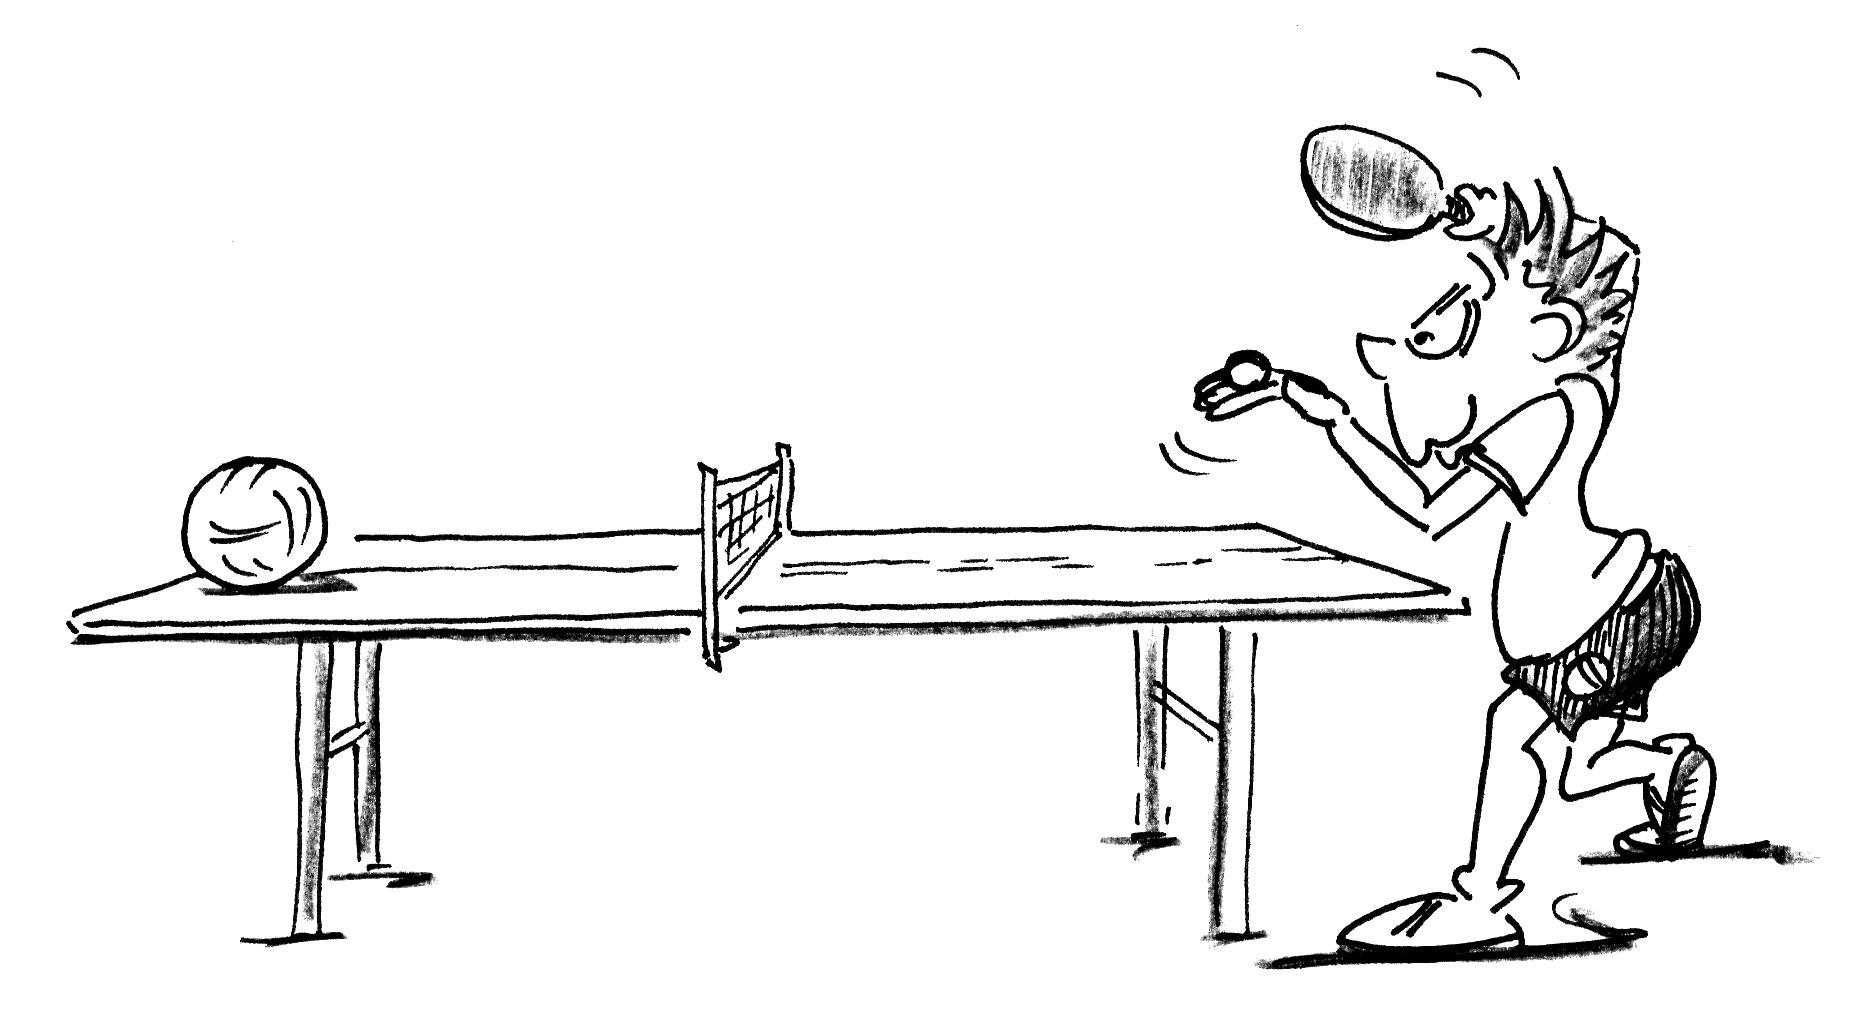 Jeux de renvoi avec enfants tennis de table tir forain - Dessin tennis de table ...